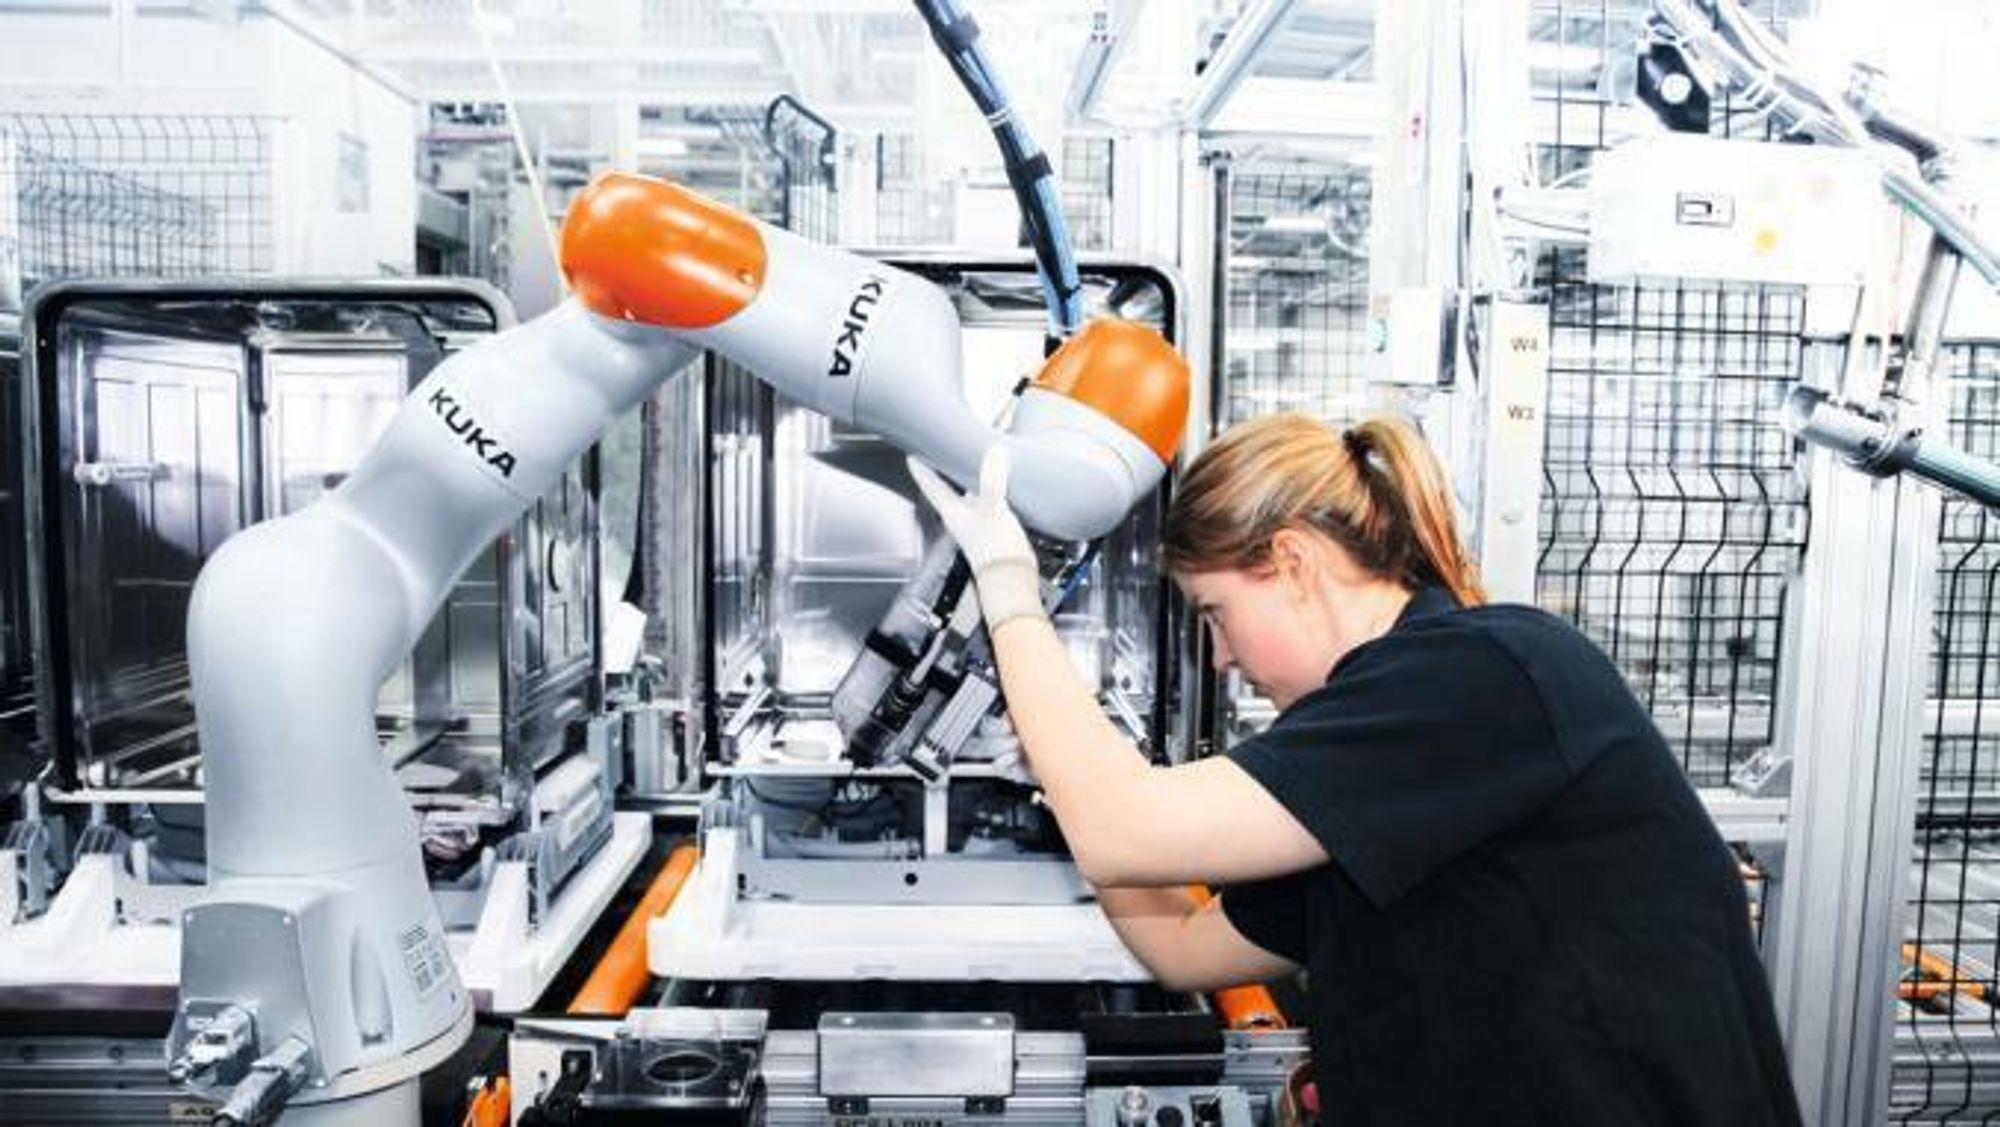 At industrien sysselsetter færre og færre mennesker, tilskrives ofte økt automatisering. Men ifølge økonomihistoriker Aaron Benanav er det snarere fordi den globale industrisektoren lider av overkapasitet og stagnasjon.